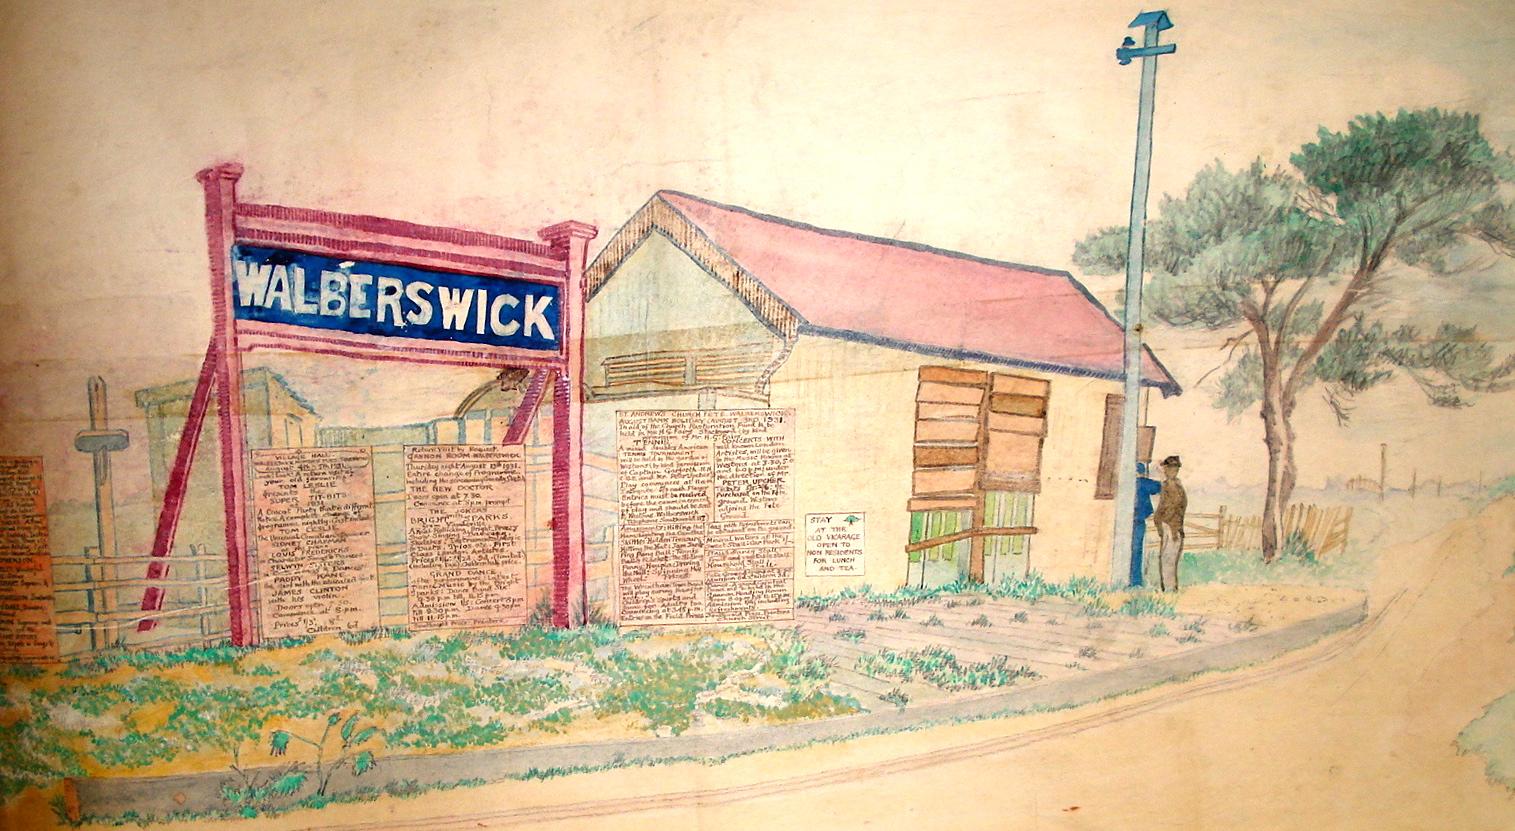 Walberswick Station